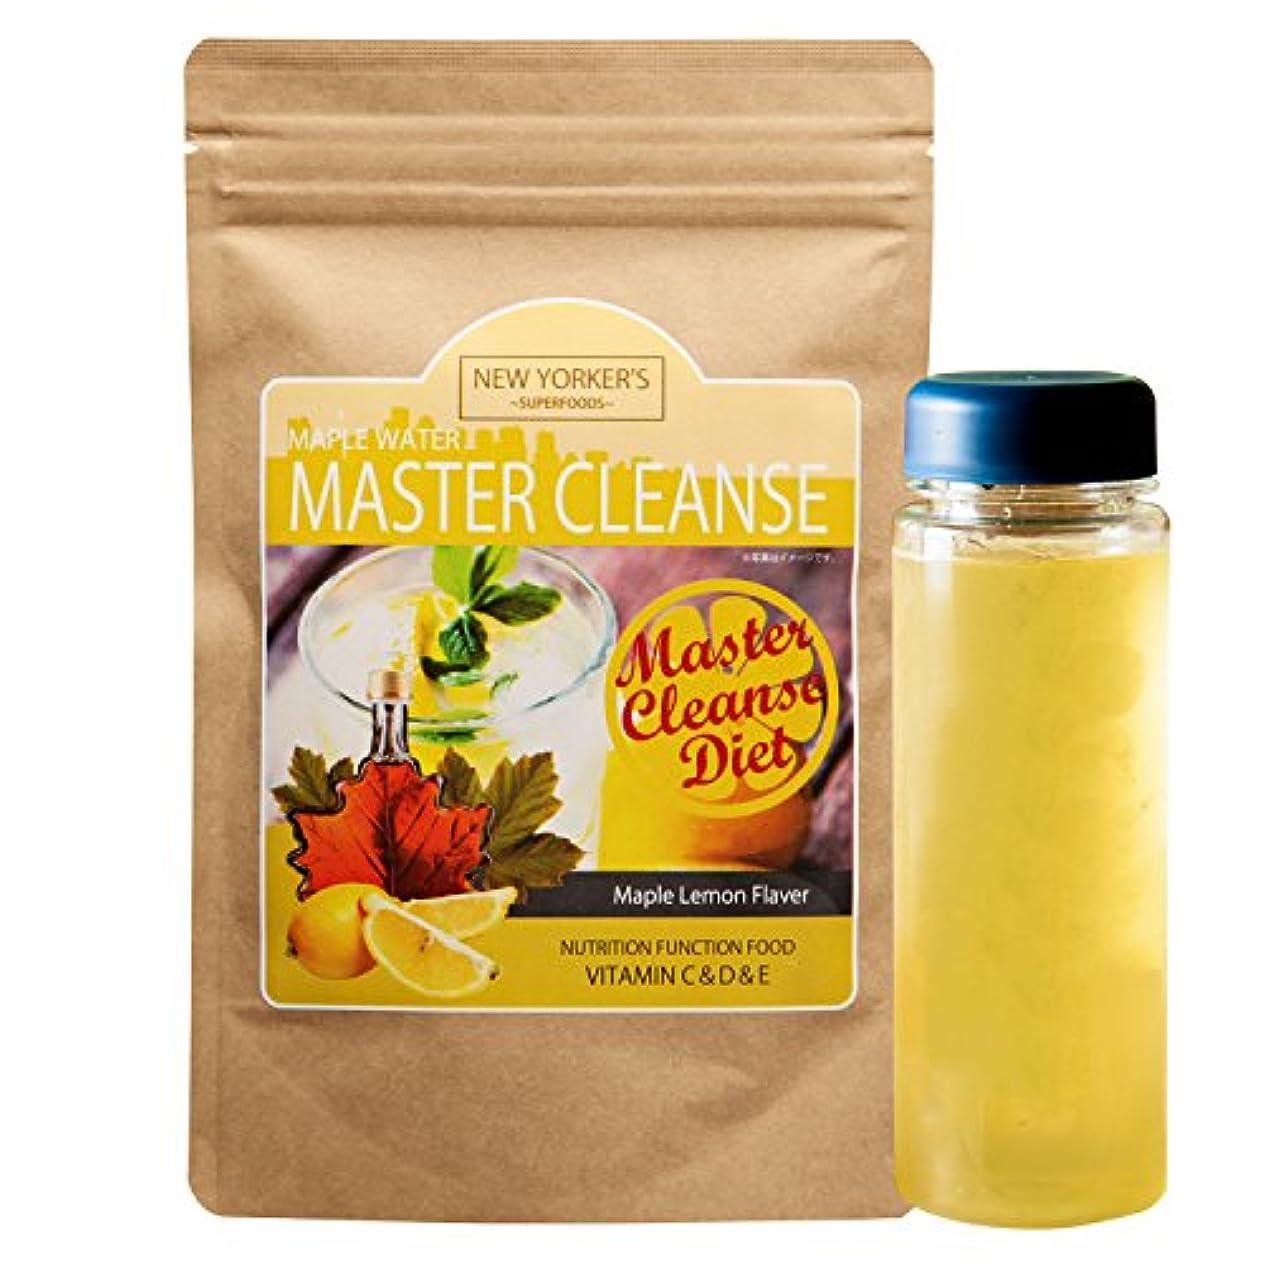 相談する構想する長くするIDEA マスタークレンズダイエット メープルレモン味 ファスティングダイエット 5g×9包